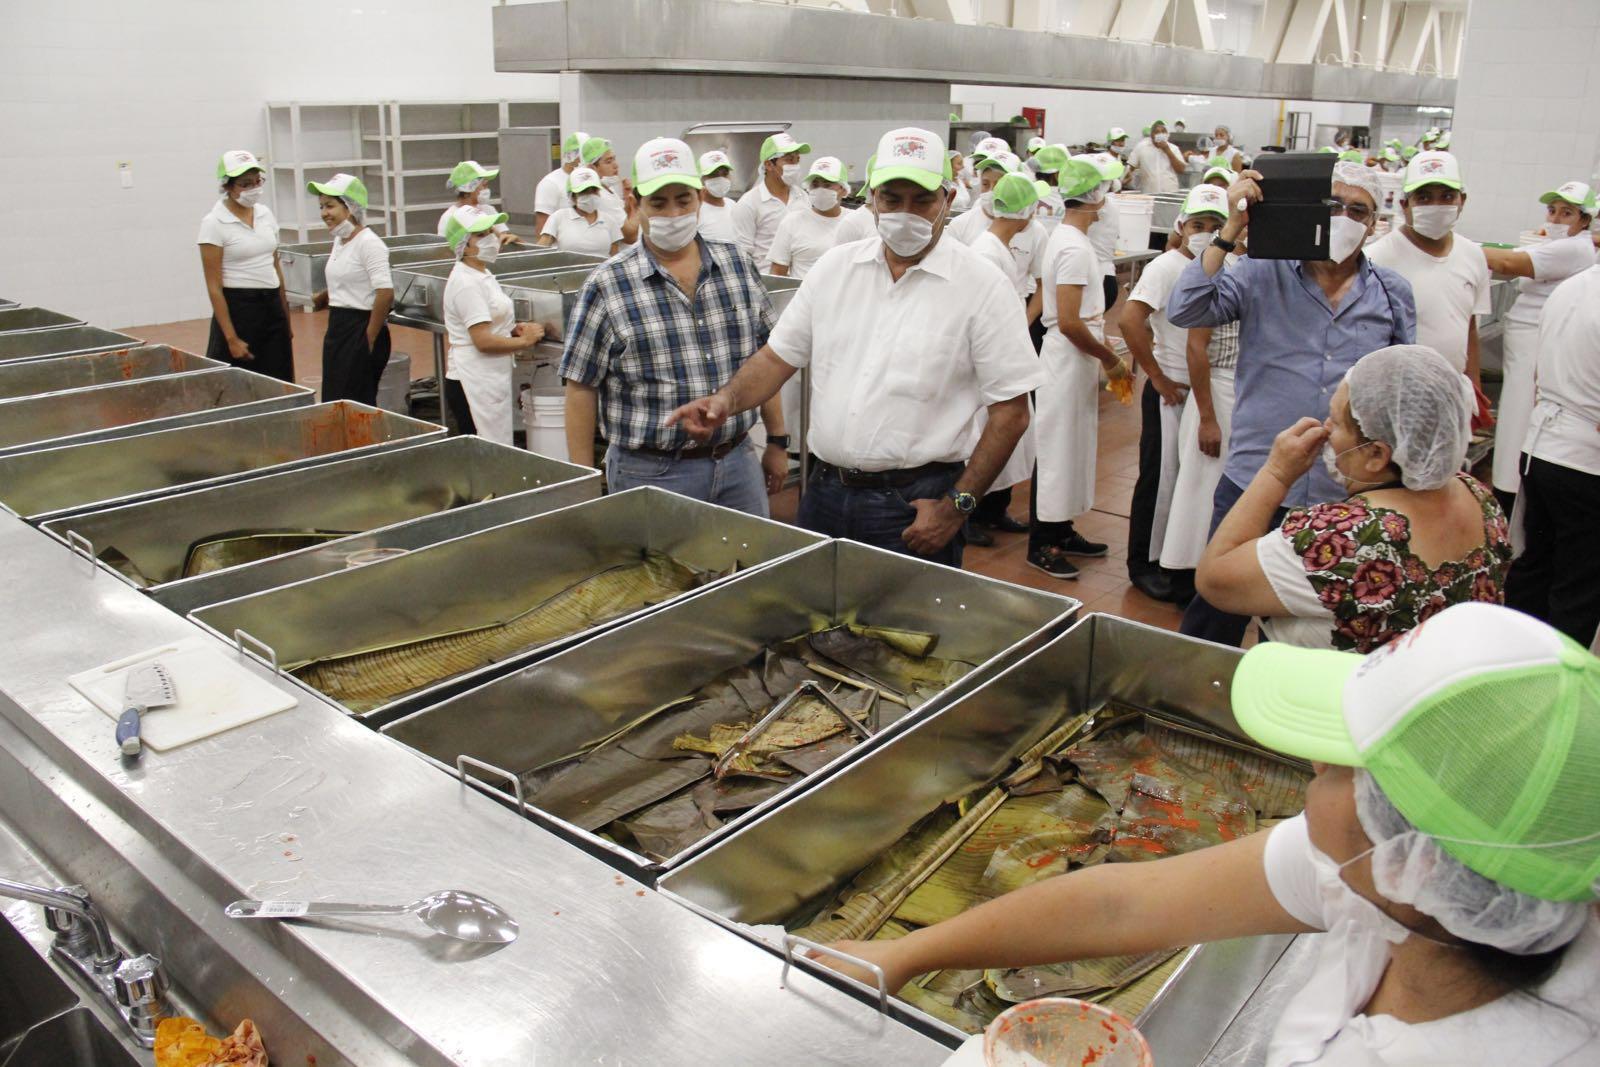 """Cocinan la """"cochinita pibil"""" más grande del mundo"""